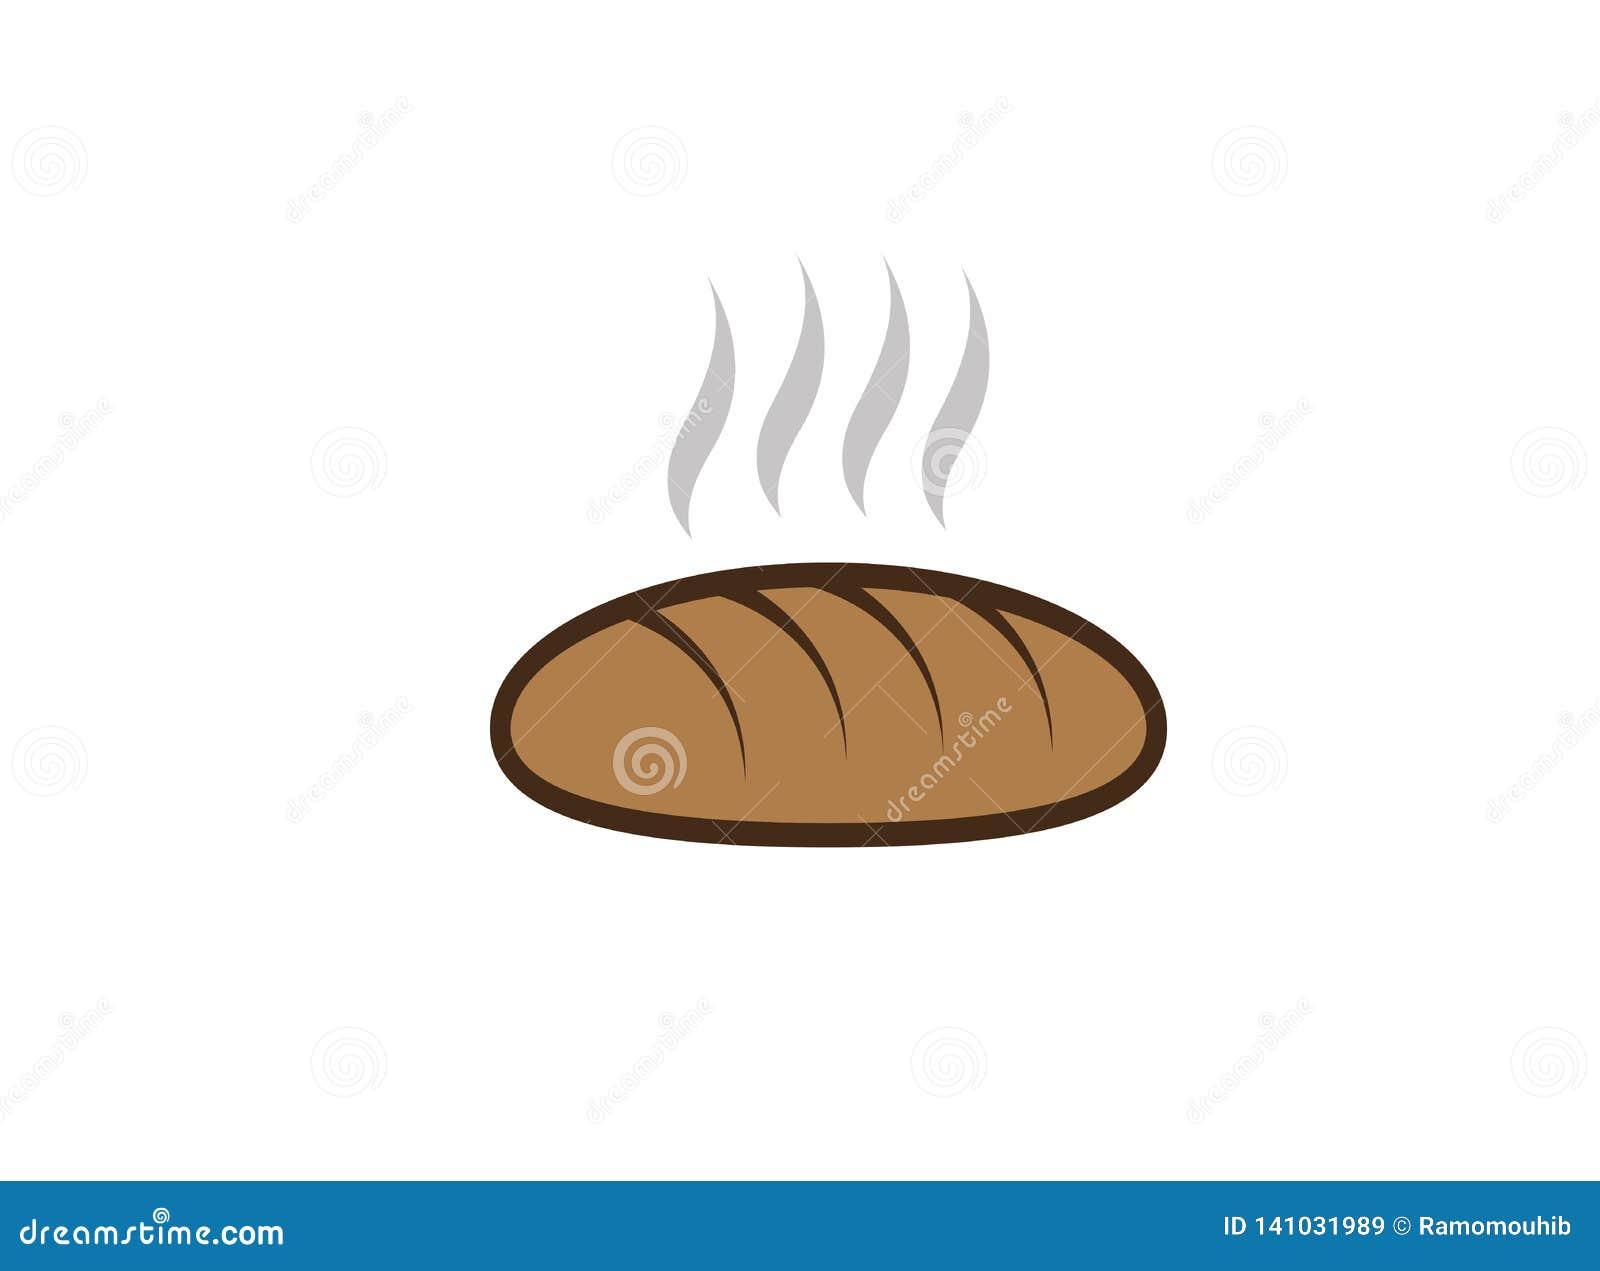 Δημιουργικό καυτό ψωμί για την απεικόνιση σχεδίου λογότυπων, σύμβολο καταστημάτων αρτοποιείων